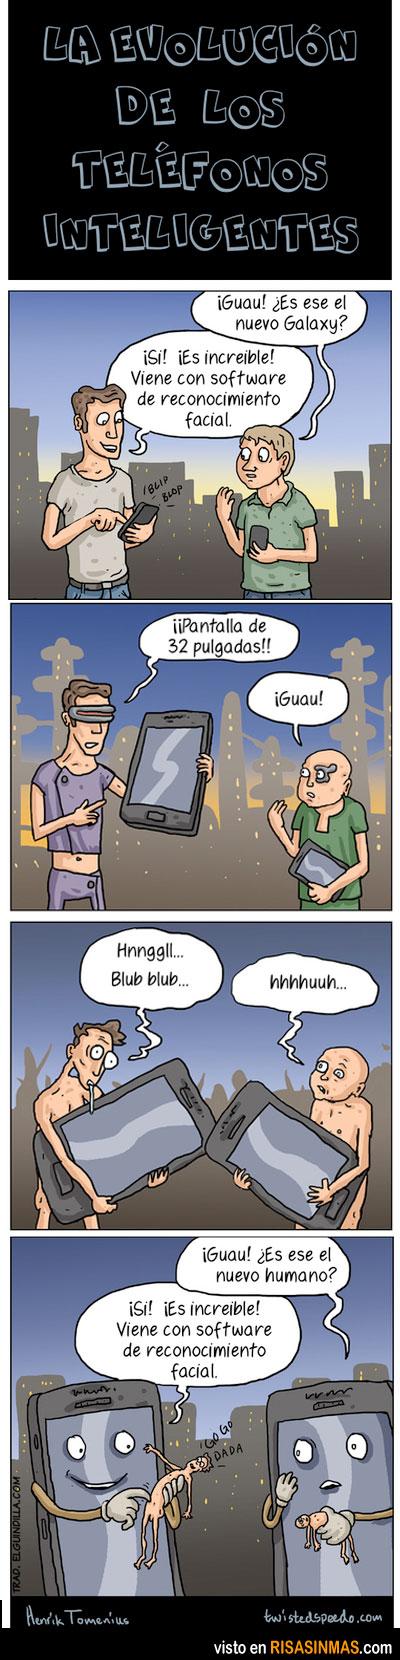 Evolución de los teléfonos inteligentes